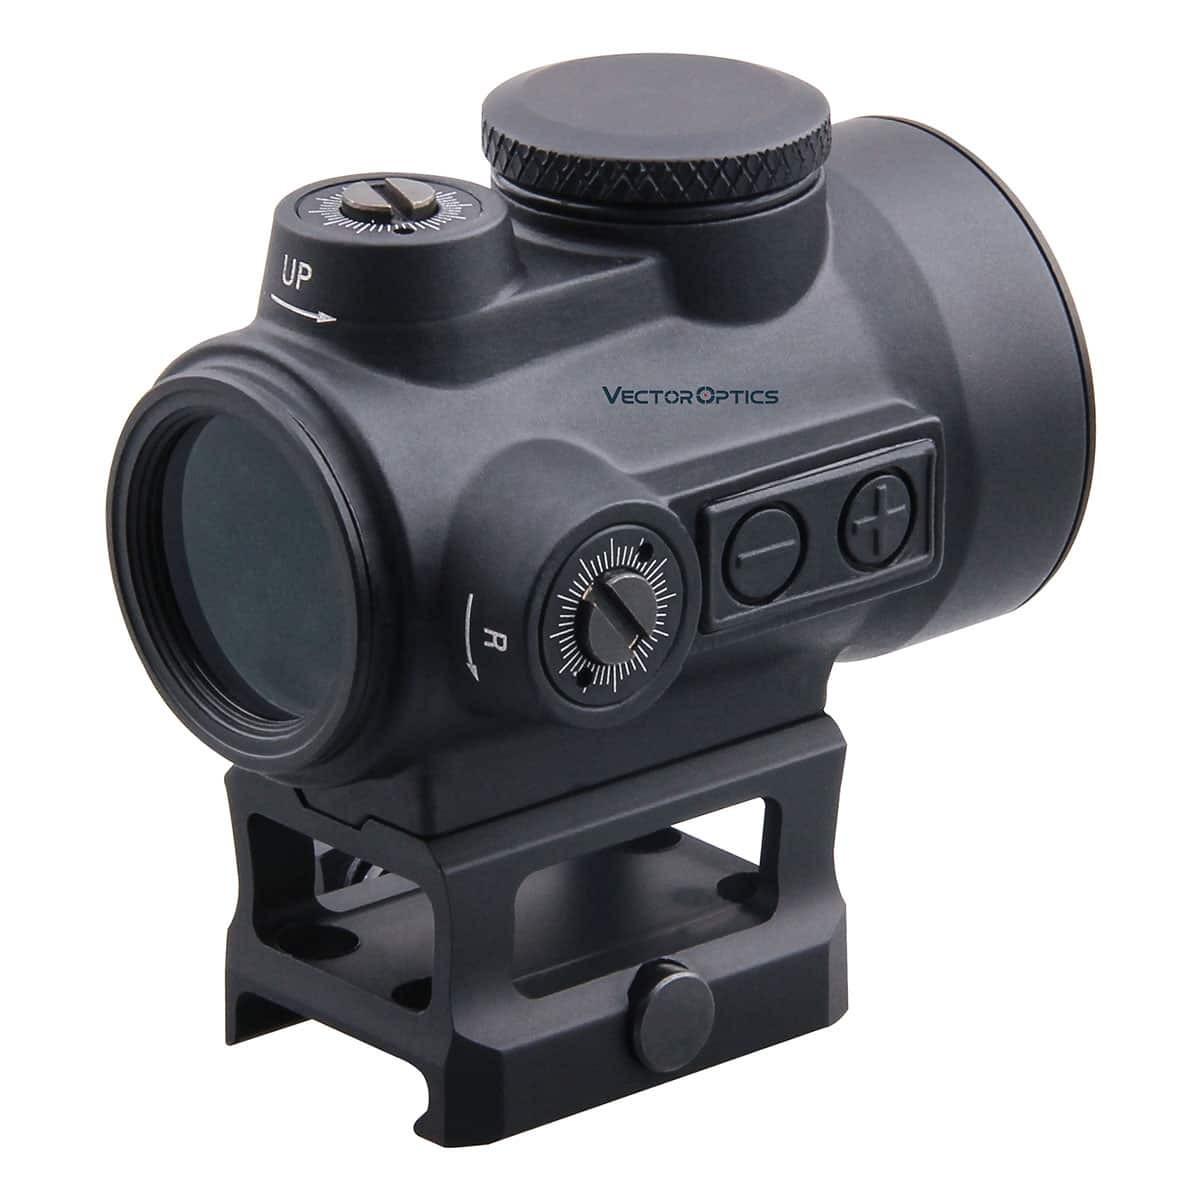 Centurion 1x30 Red Dot Sight